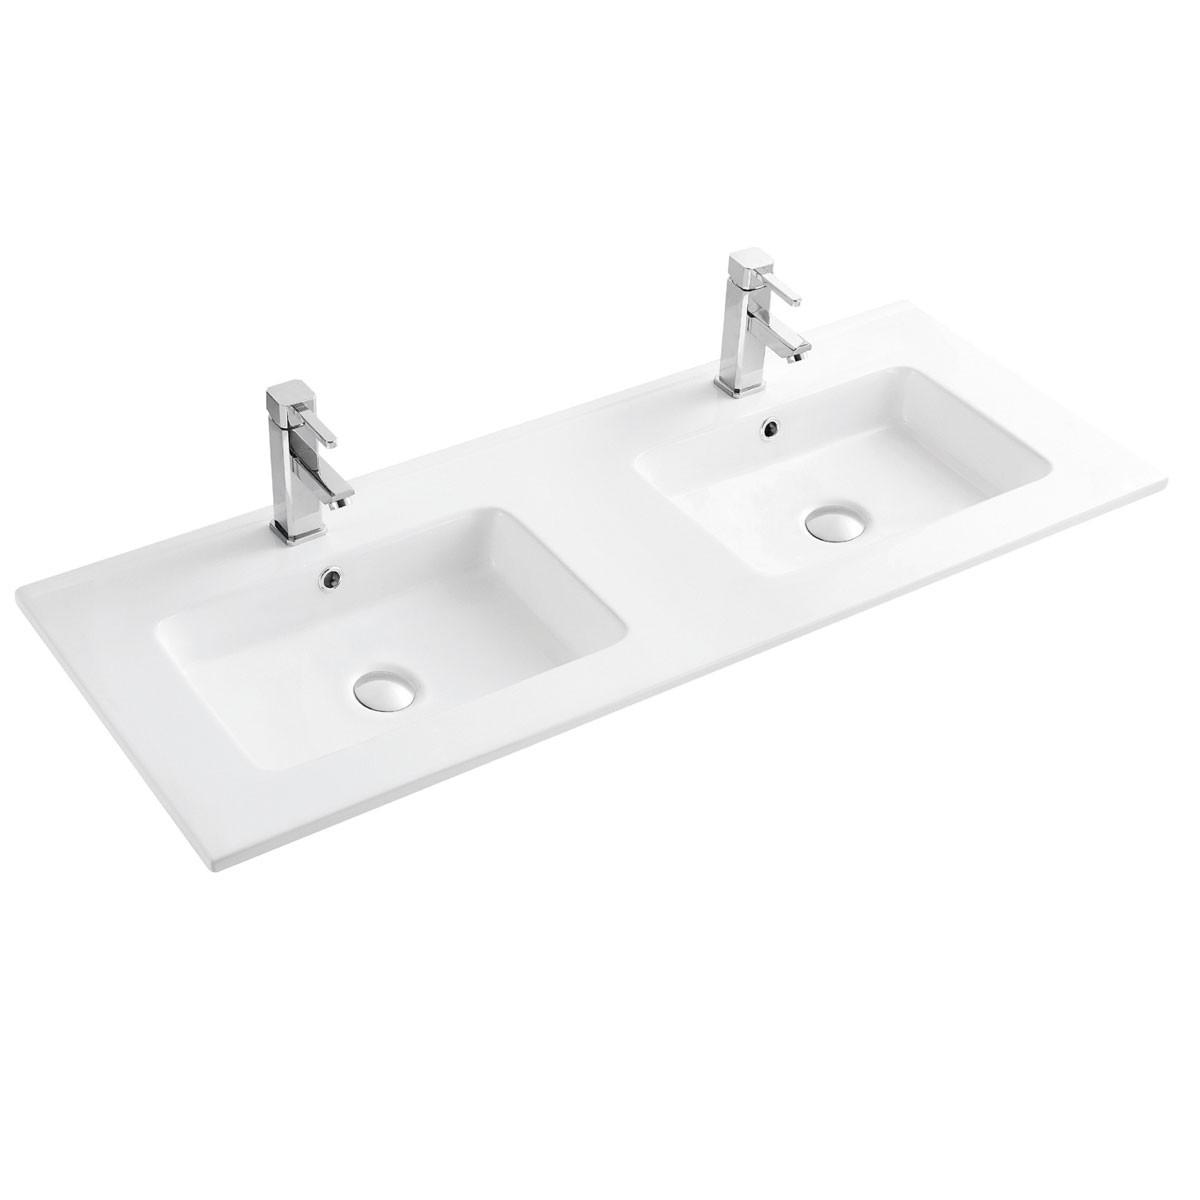 Double Lavabo Blanc pour Vanité Salle de Bain en Céramique (CL-4106D-120)